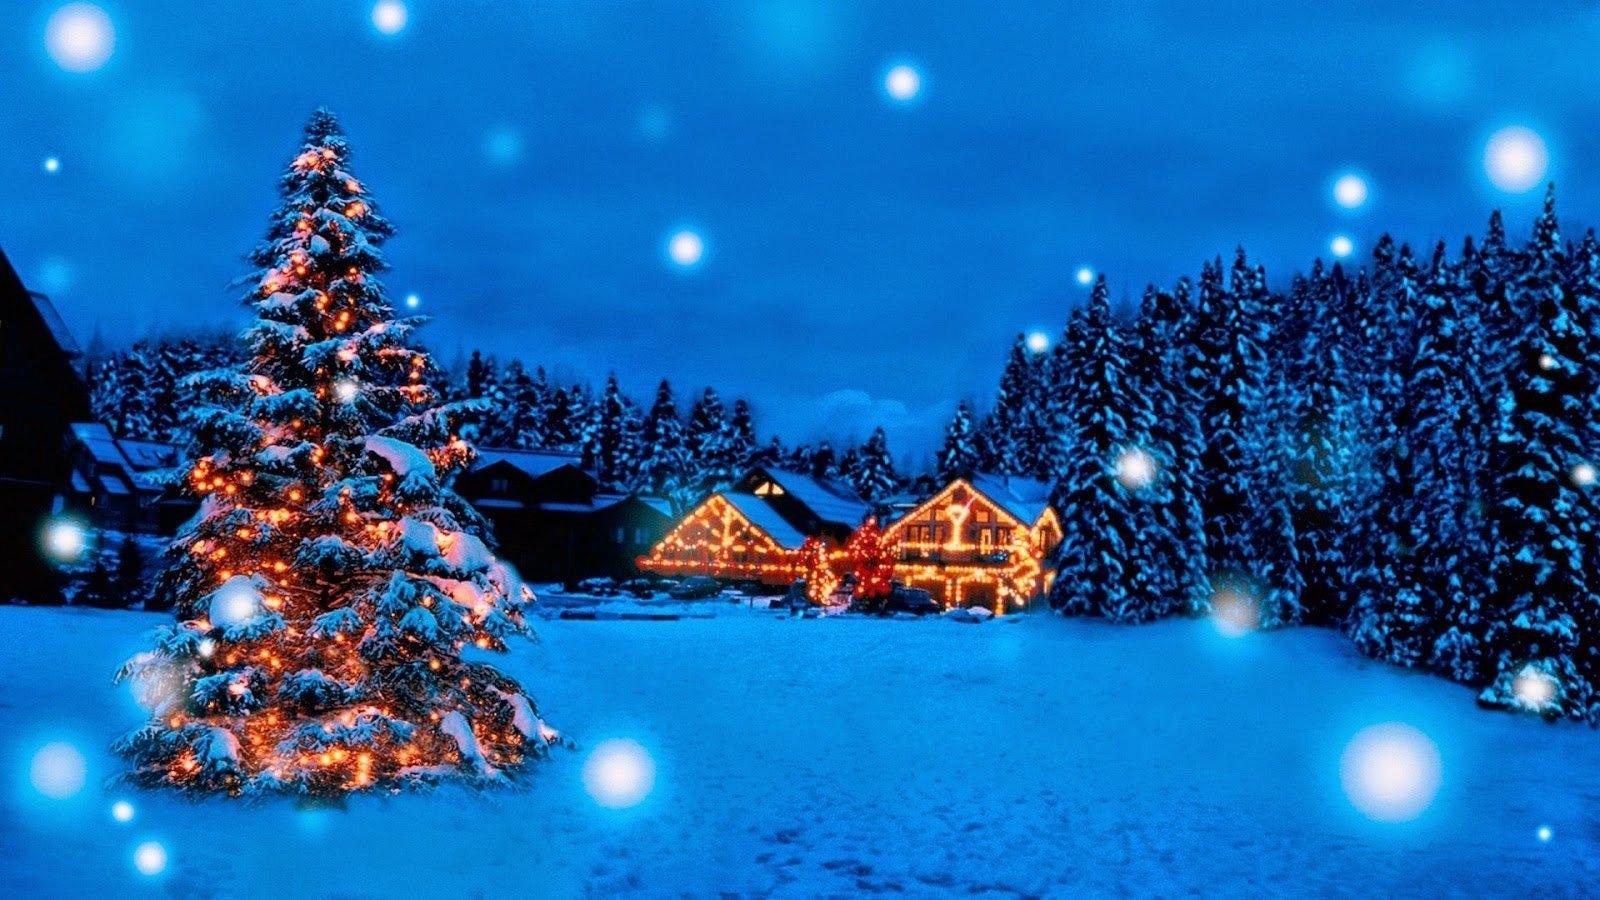 Christmas Desktop Backgrounds A858WB7 075 Mb   Picseriocom 1600x900